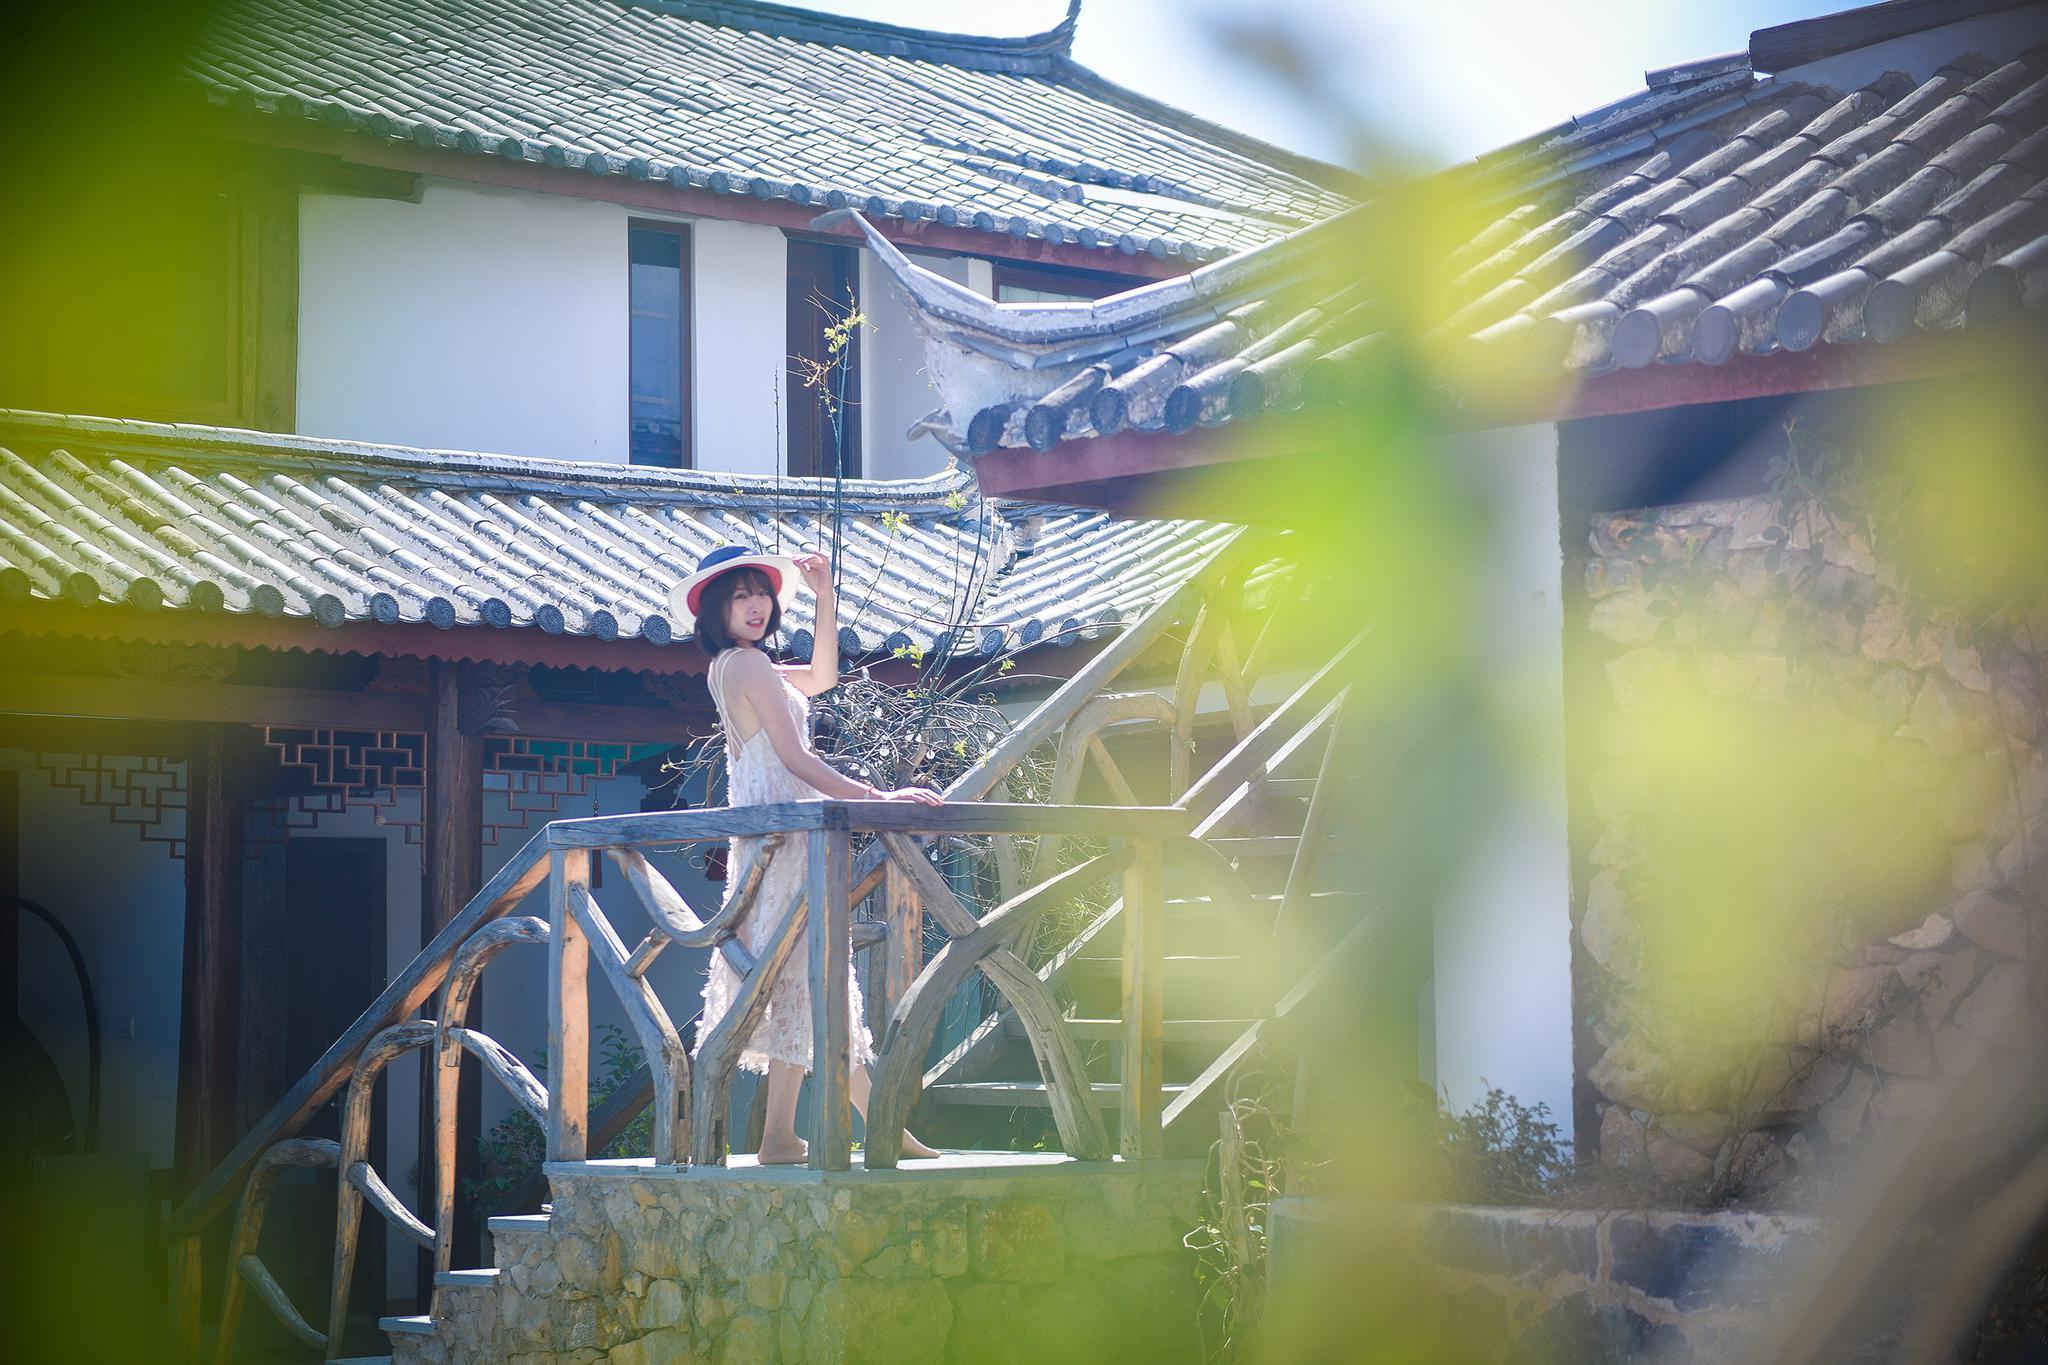 疫情过后来丽江旅游,豆花名宿客栈太美了,很适合拍照!